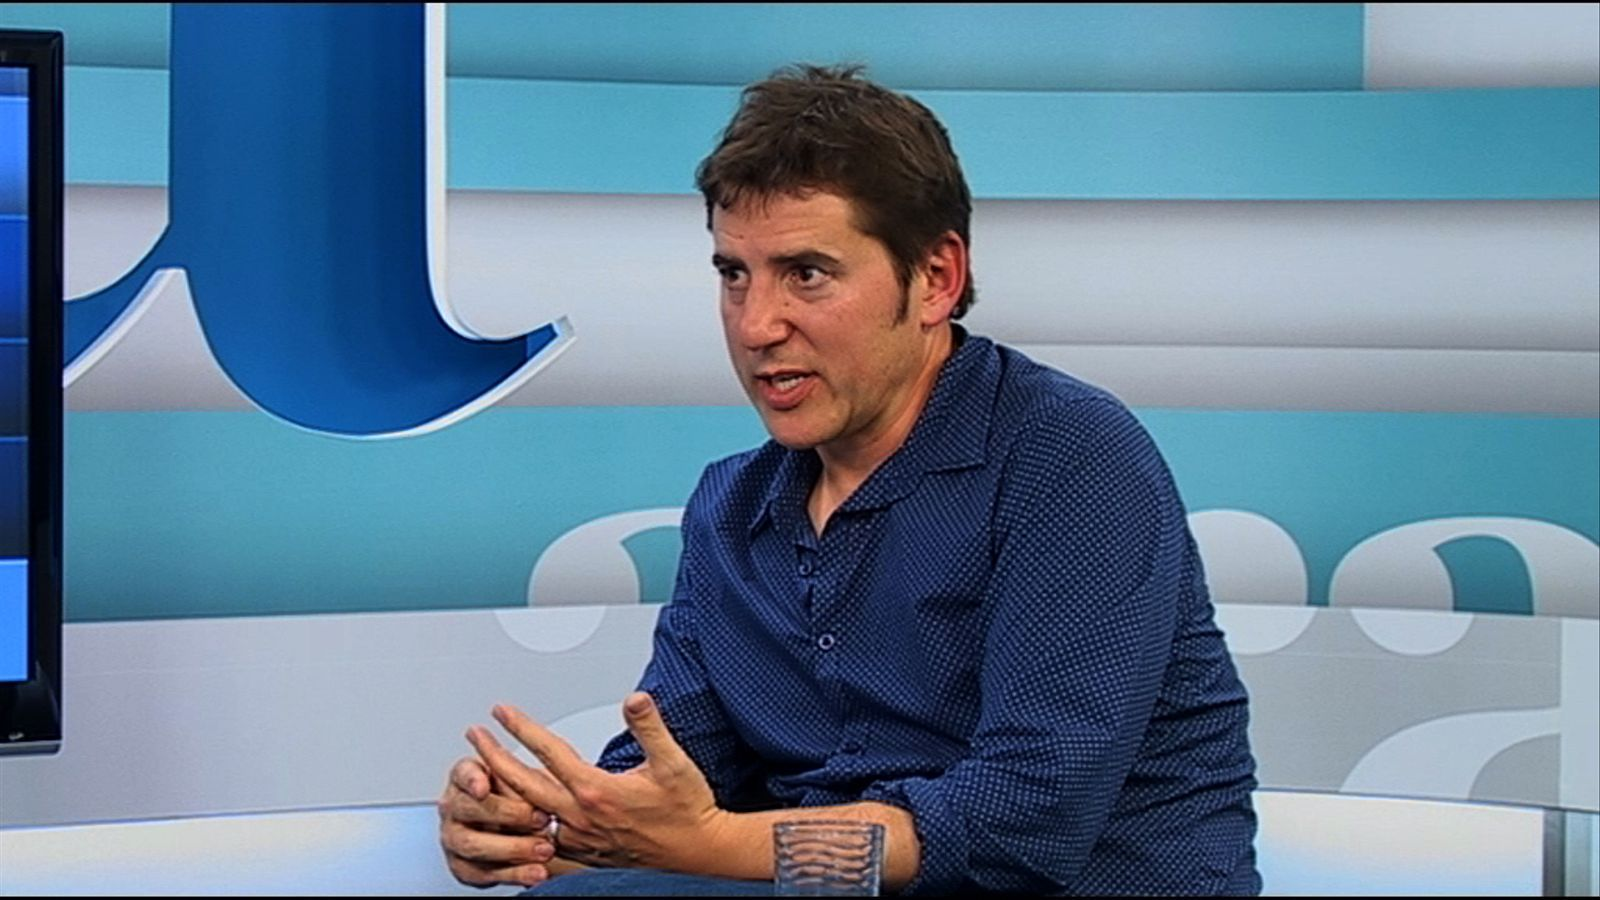 Manuel Fuentes, sobre la crisi: És un escenari apassionant per a la nostra feina i preocupant des del punt de vista ciutadà